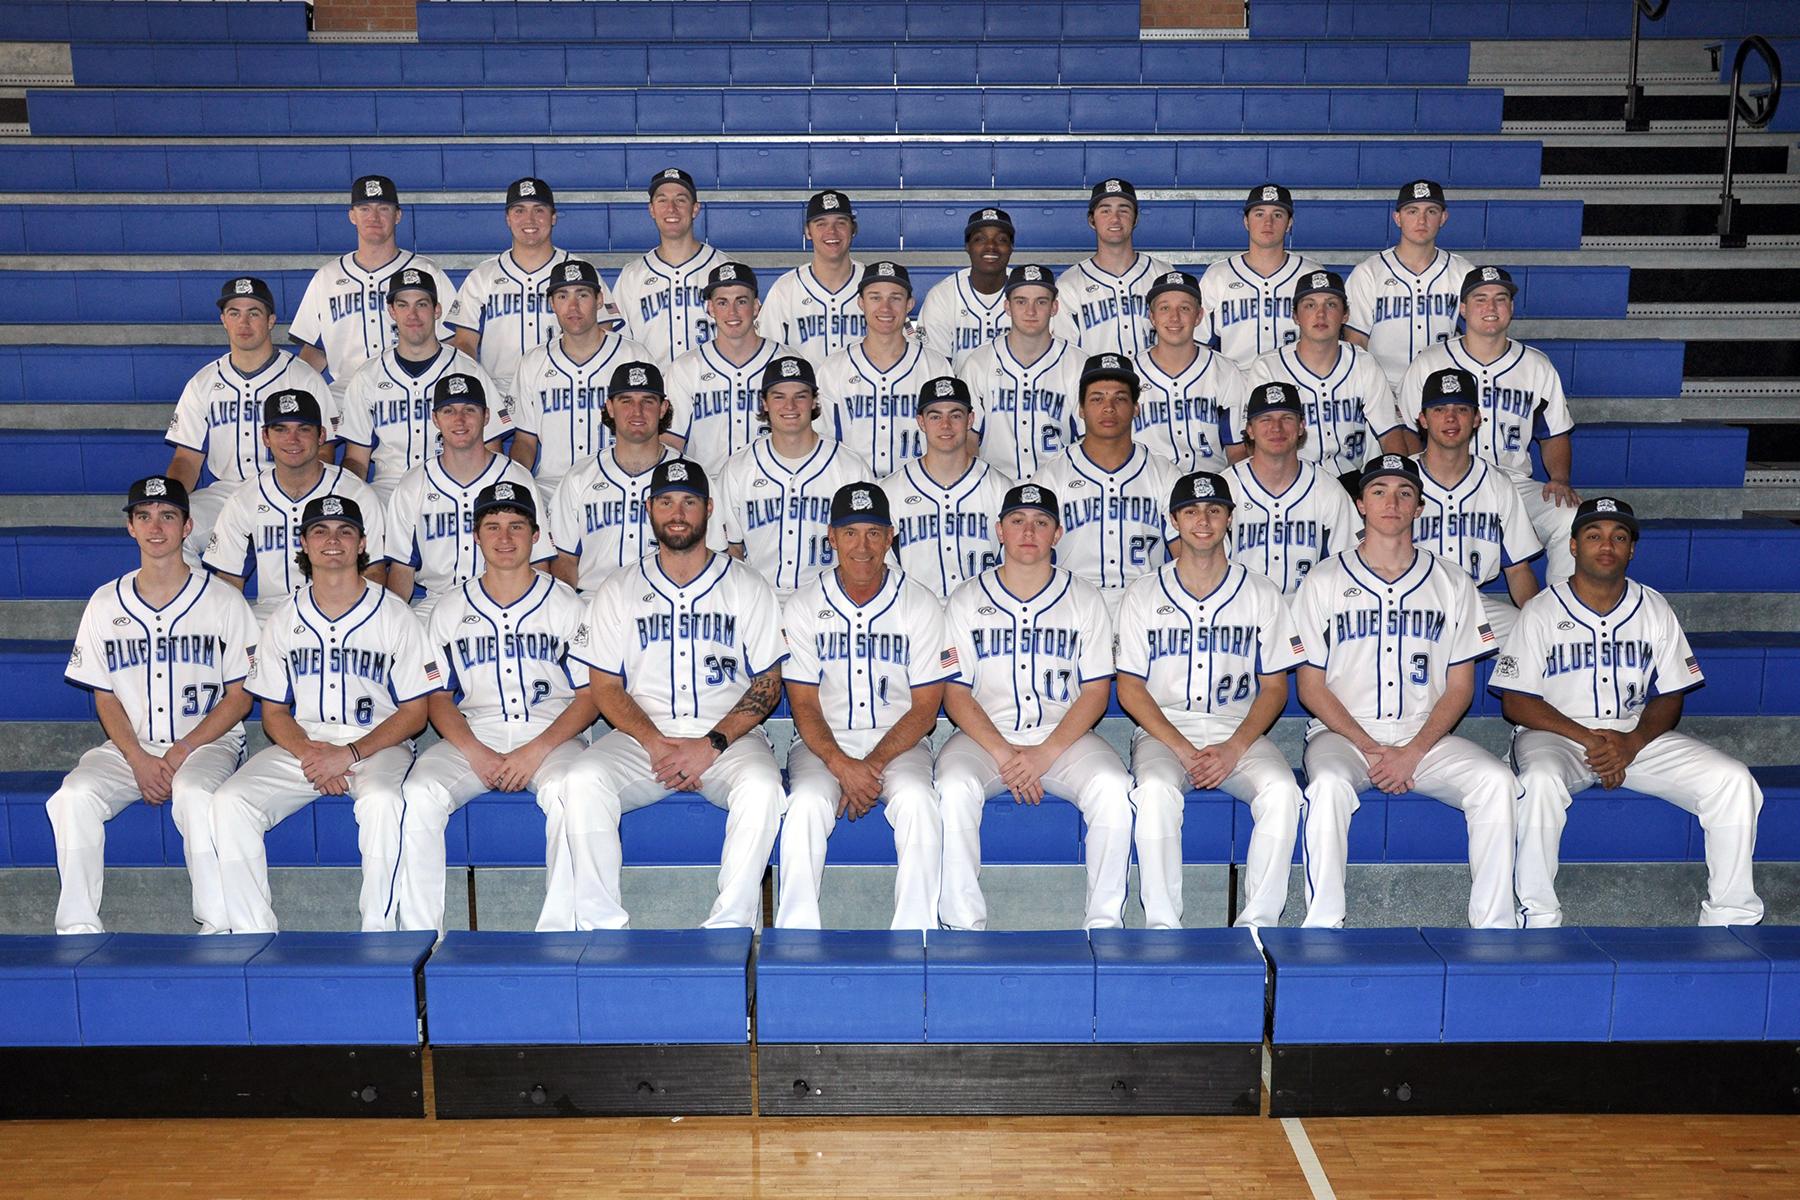 Men S Baseball Roster Southwestern Illinois College